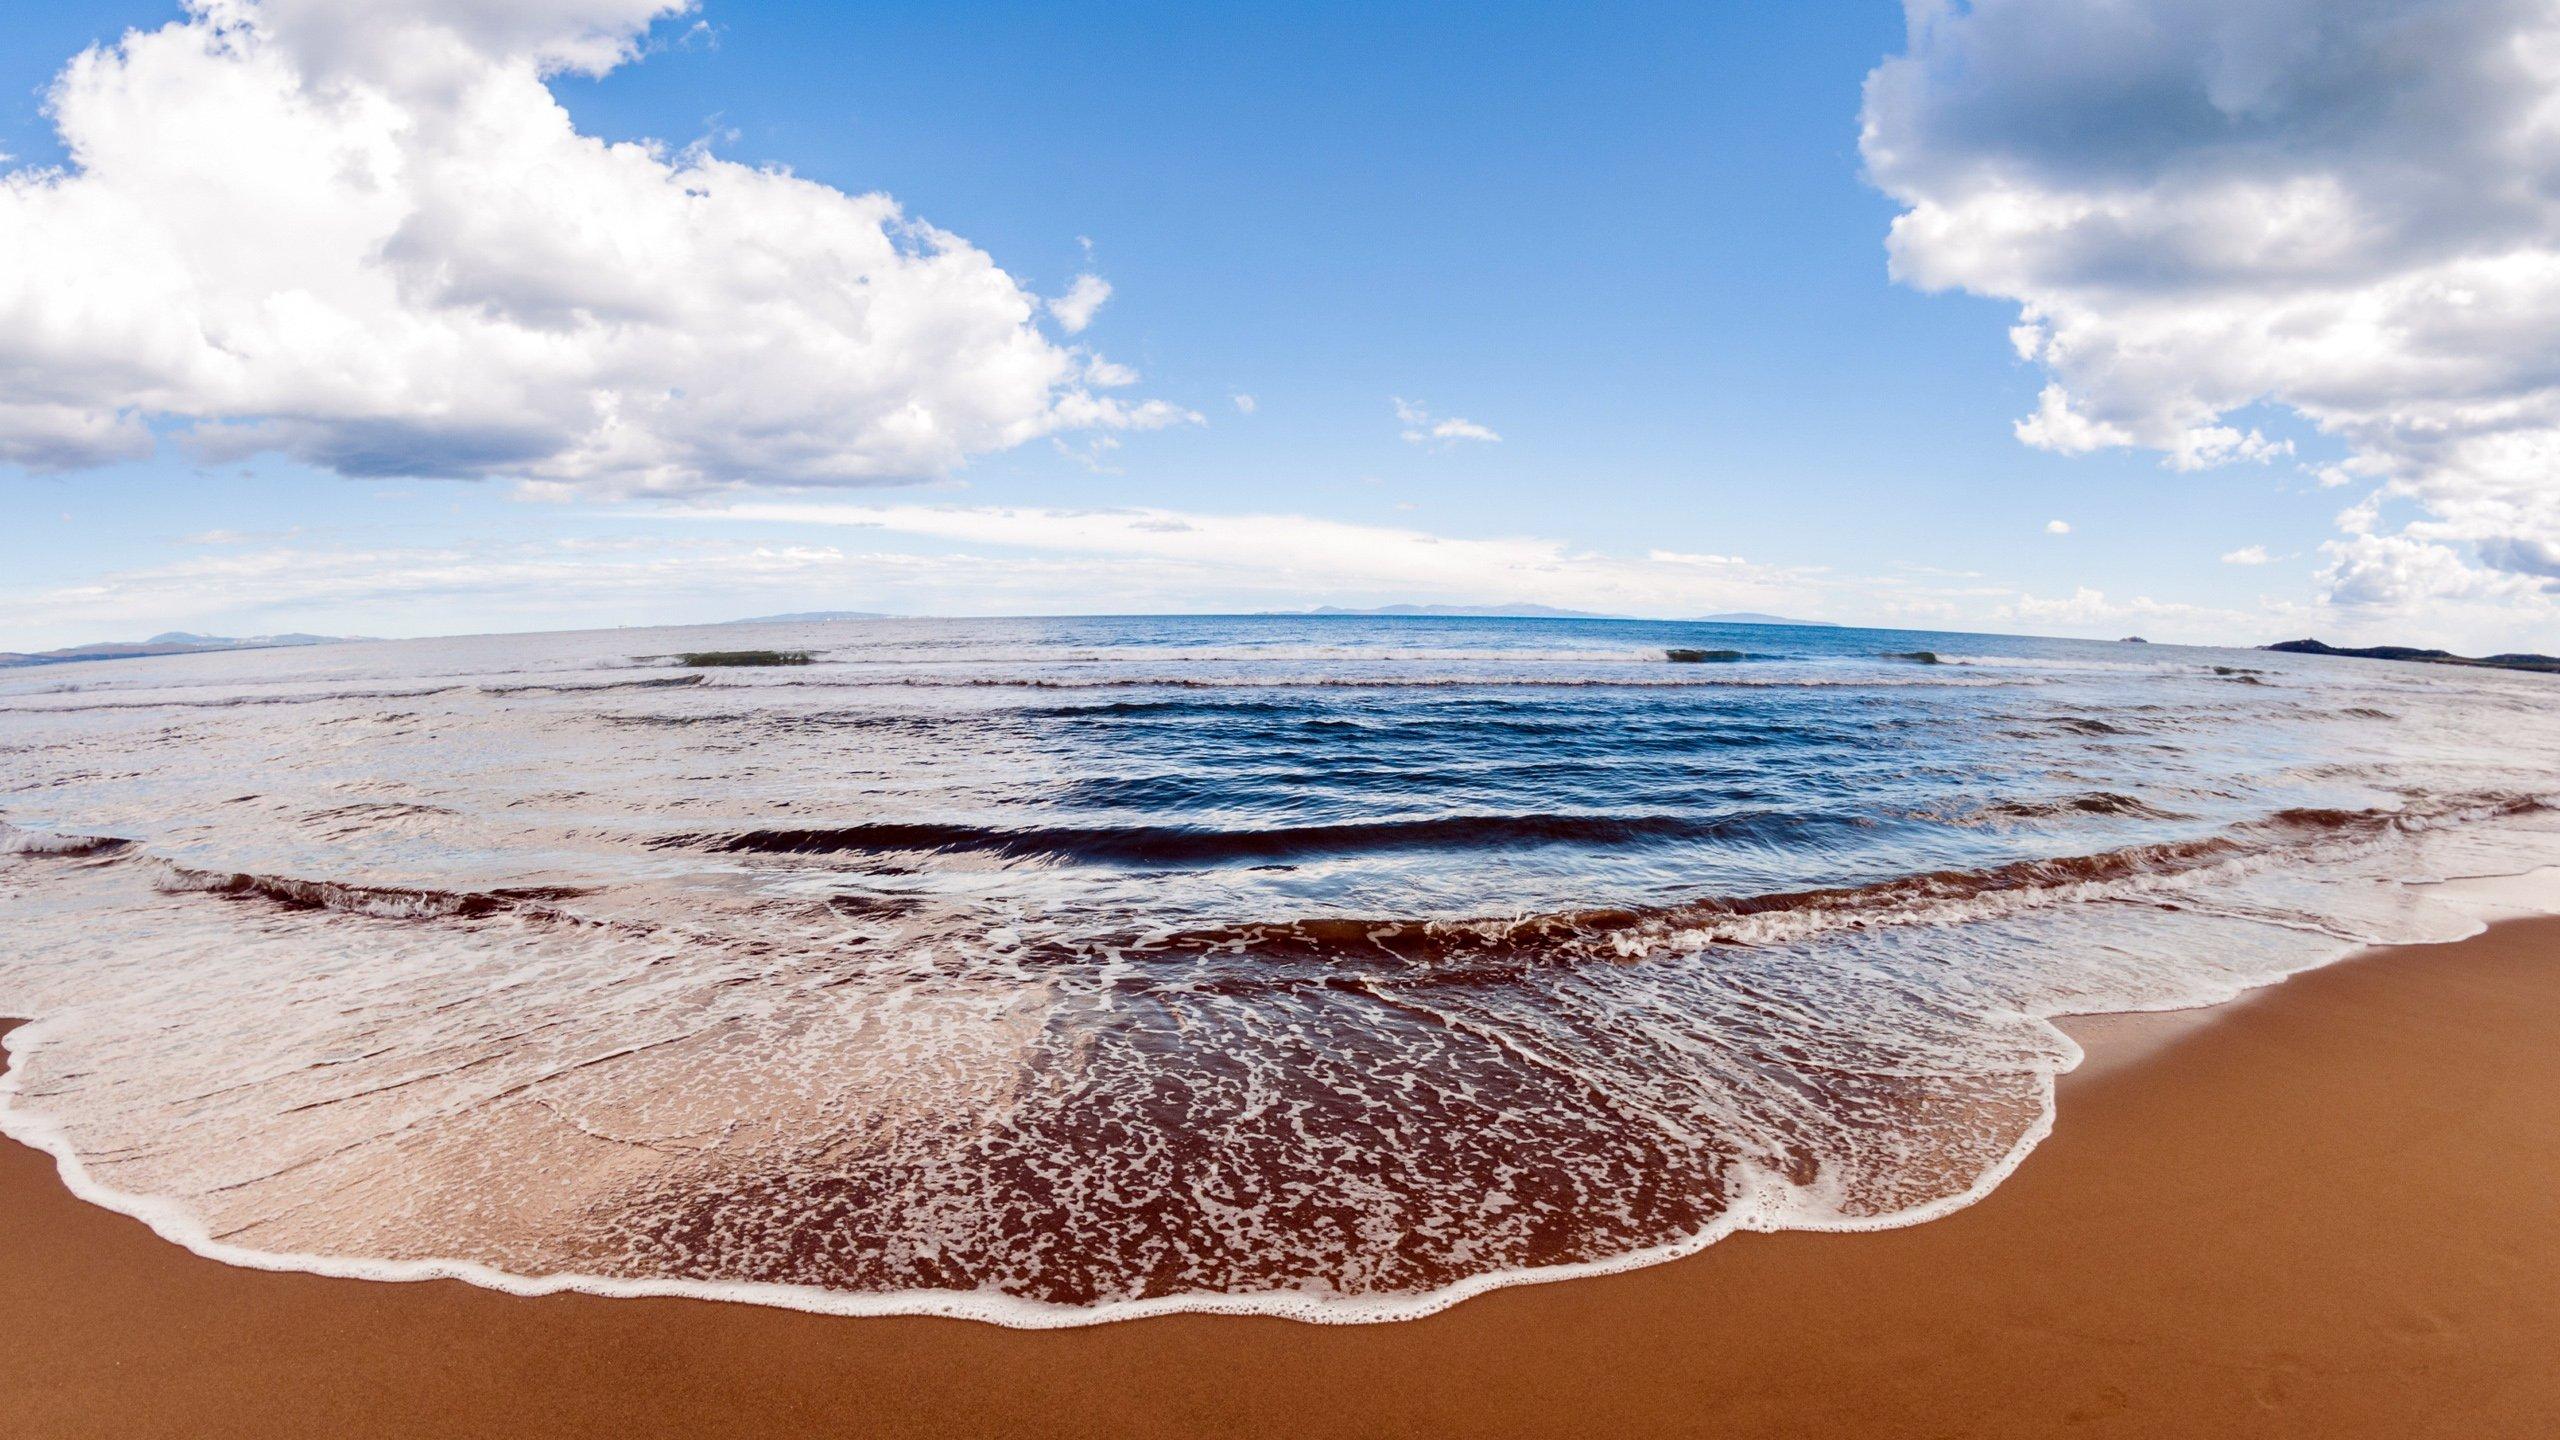 обои на рабочий стол море песок, берег, волны, природа